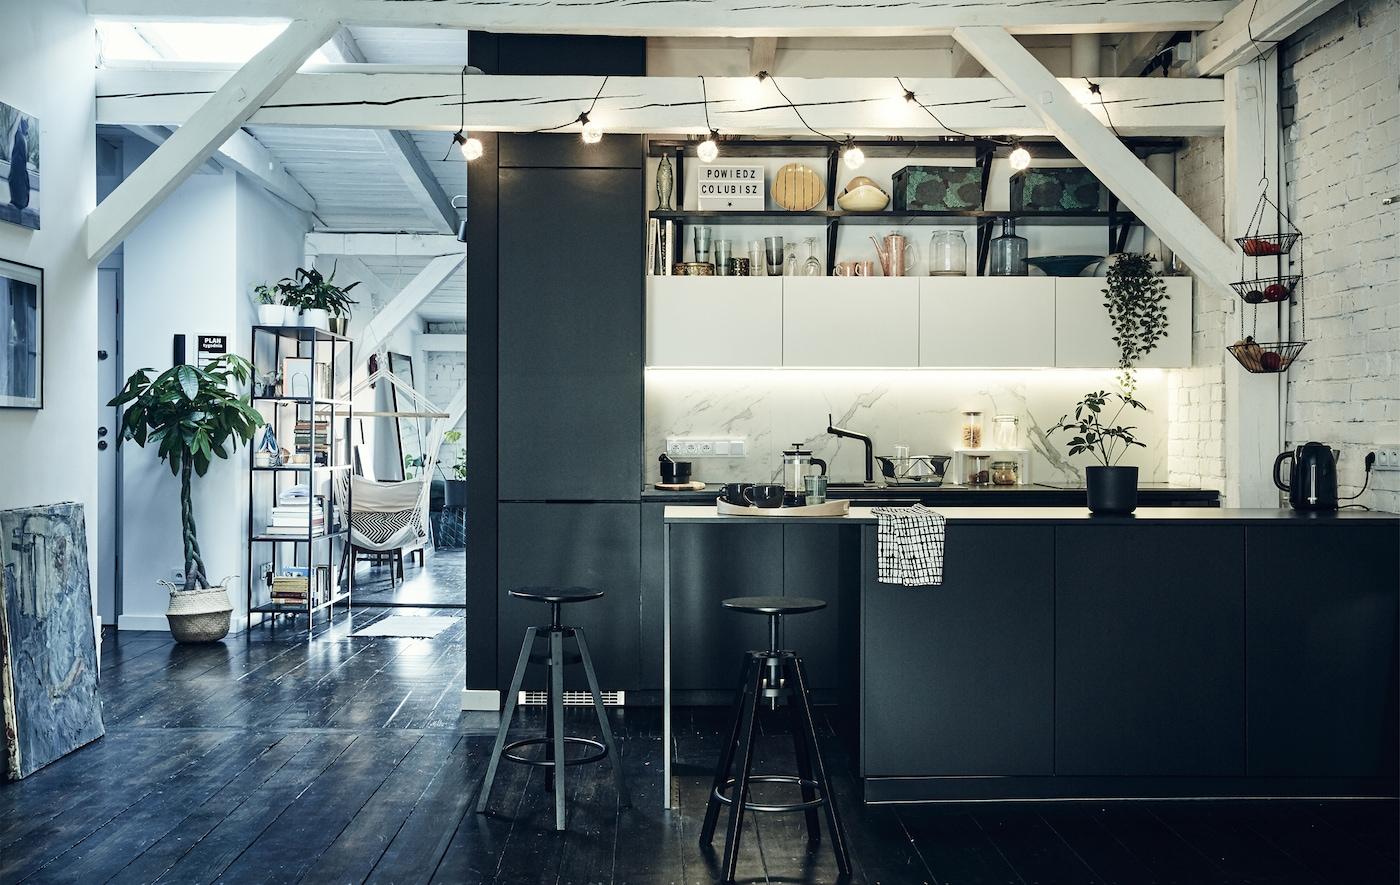 Cucina nera in un open space con travi bianche a vista e pavimenti in legno scuro - IKEA